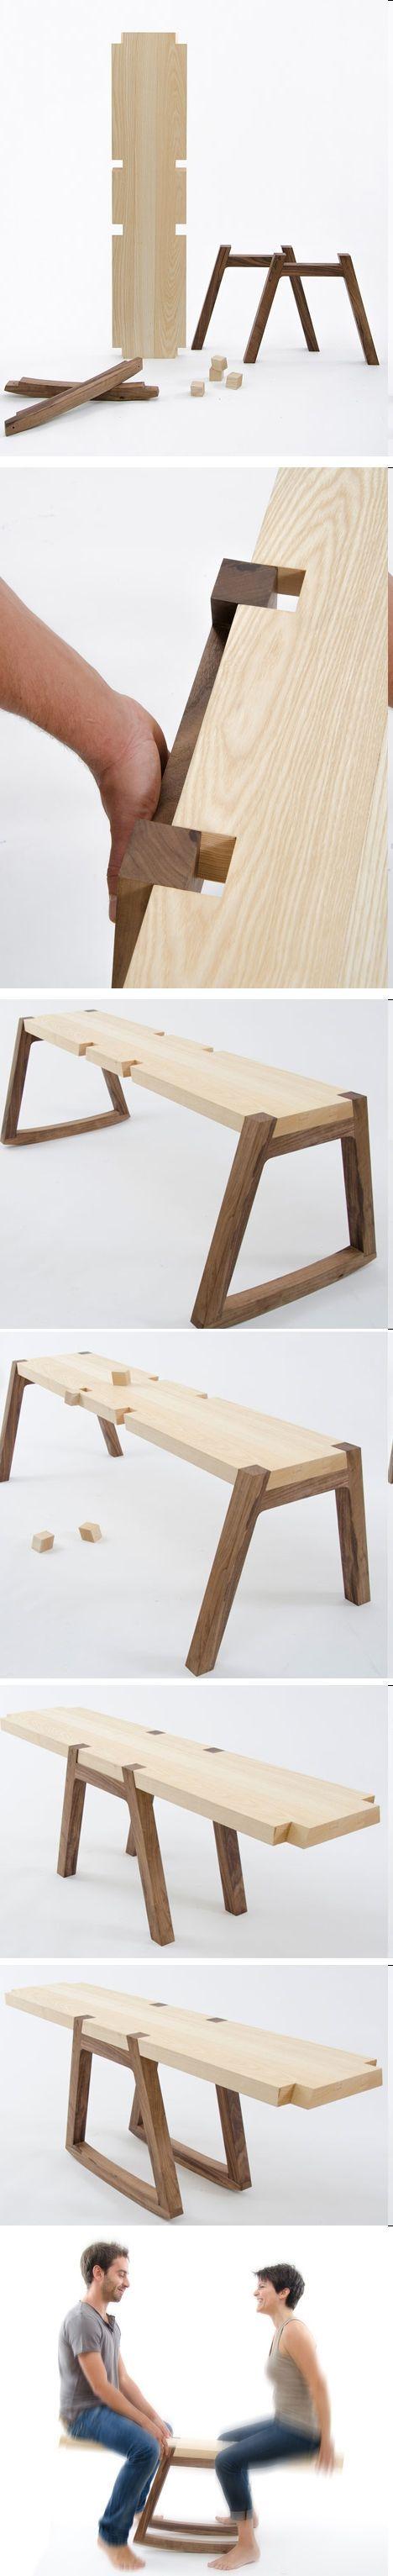 Diseño de mueble que a su vez es un juguete. // Twin Bench by Andrea Rekalidis